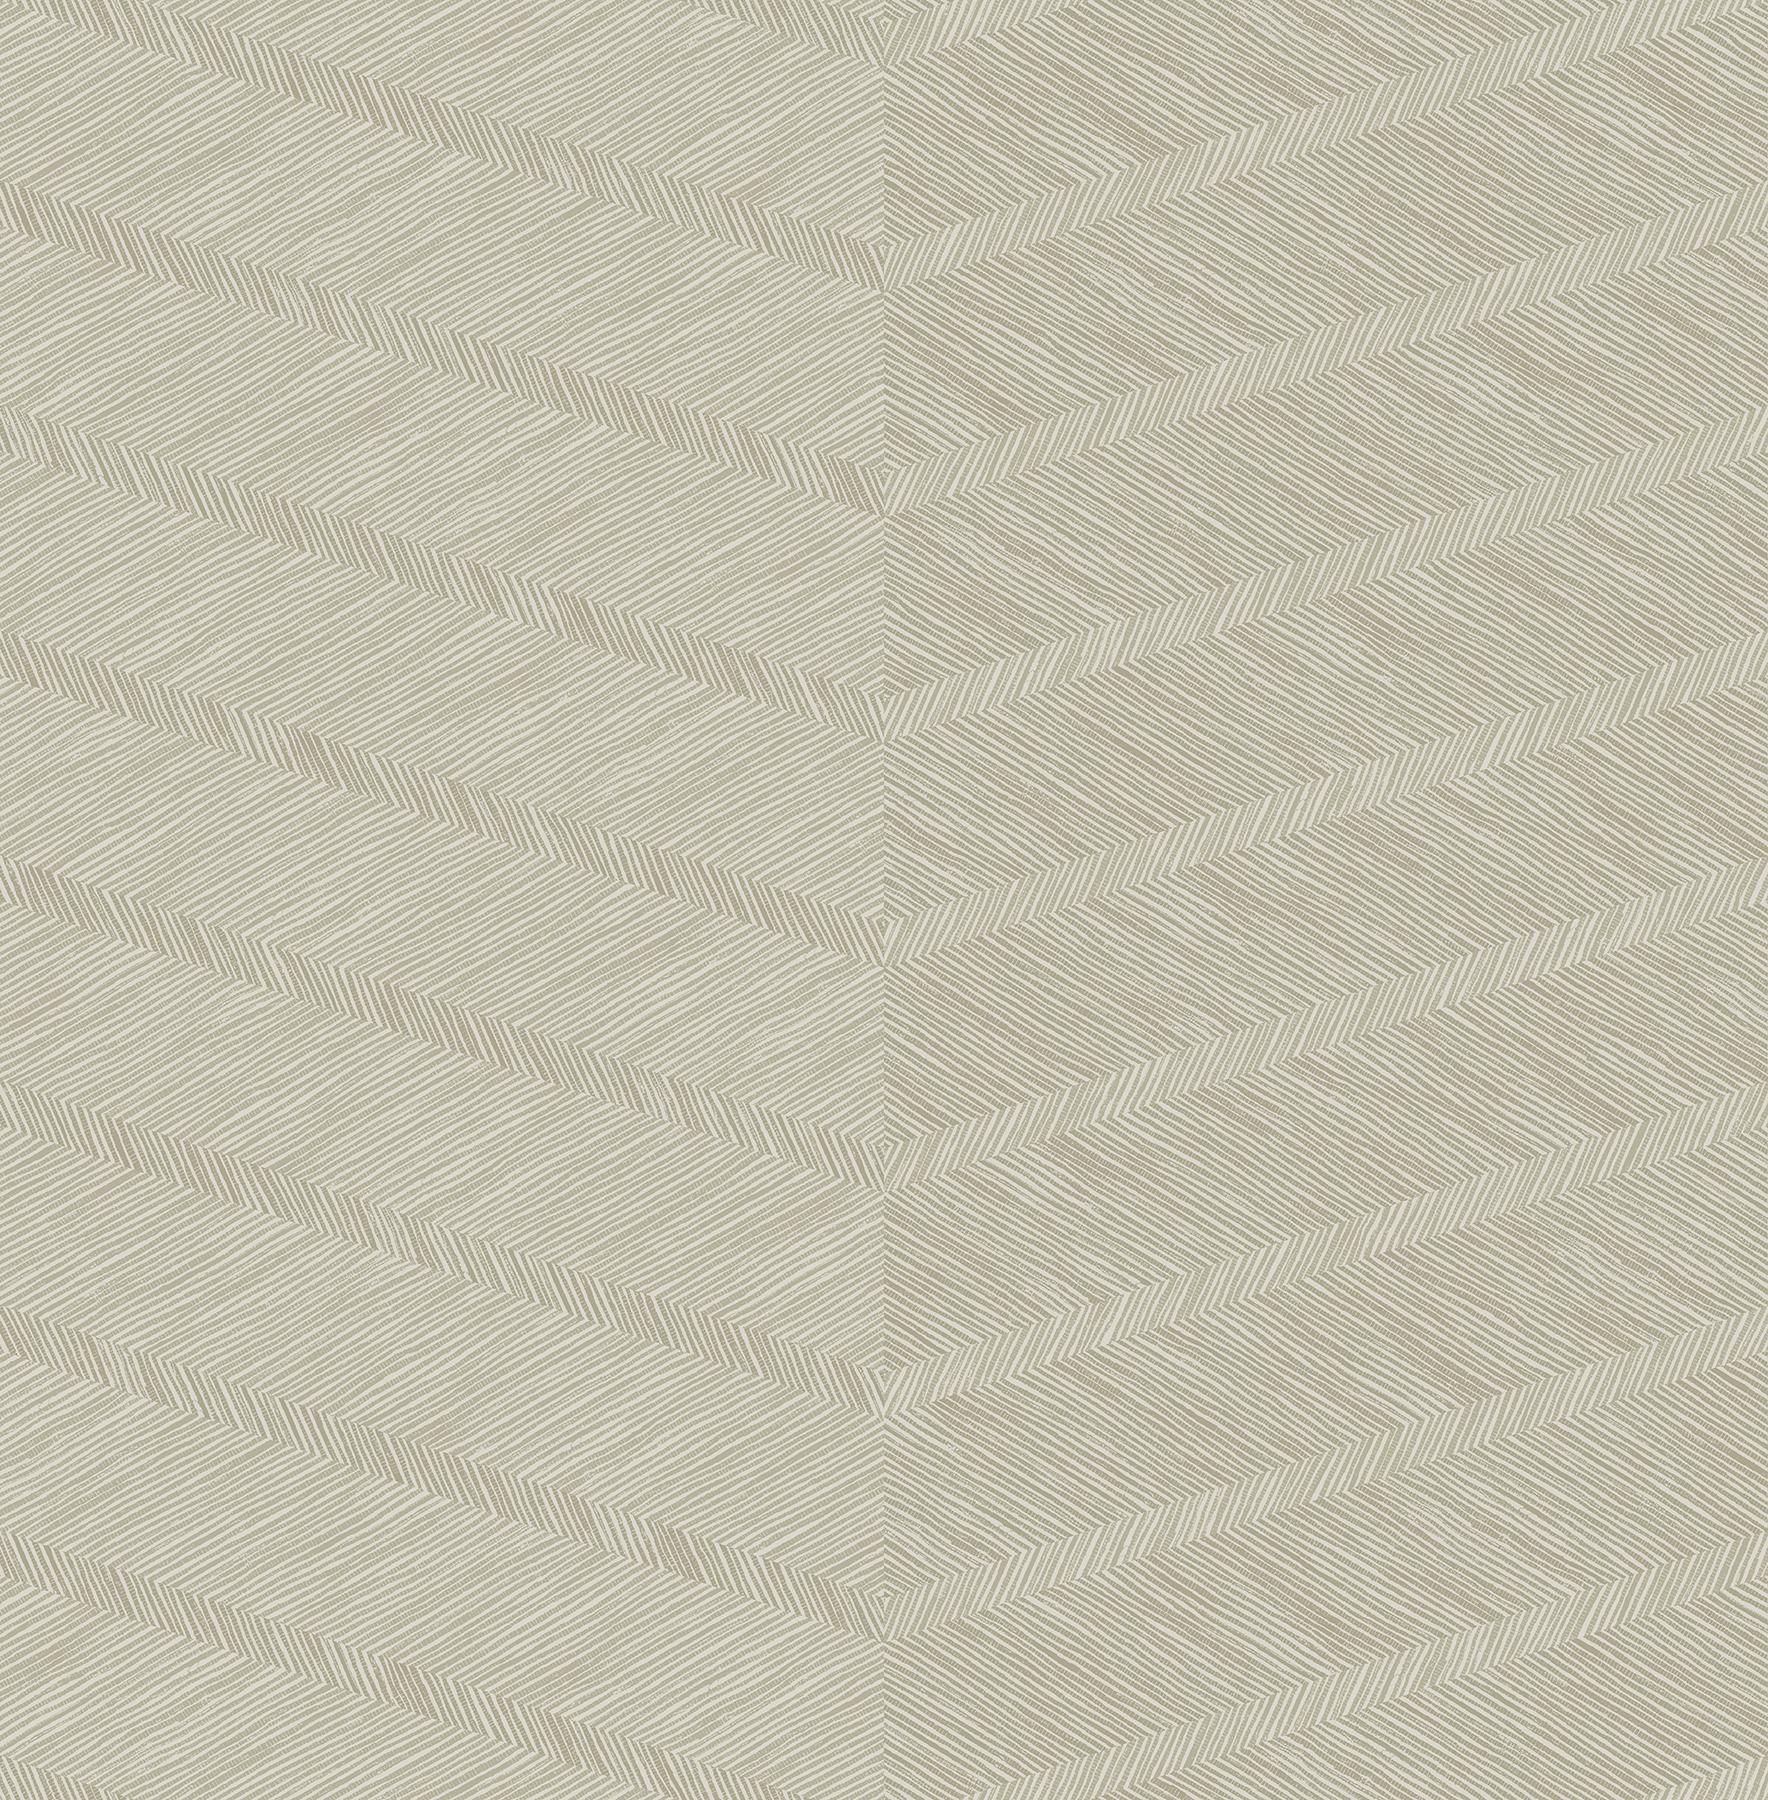 Picture of Aspen Champagne Chevron Wallpaper